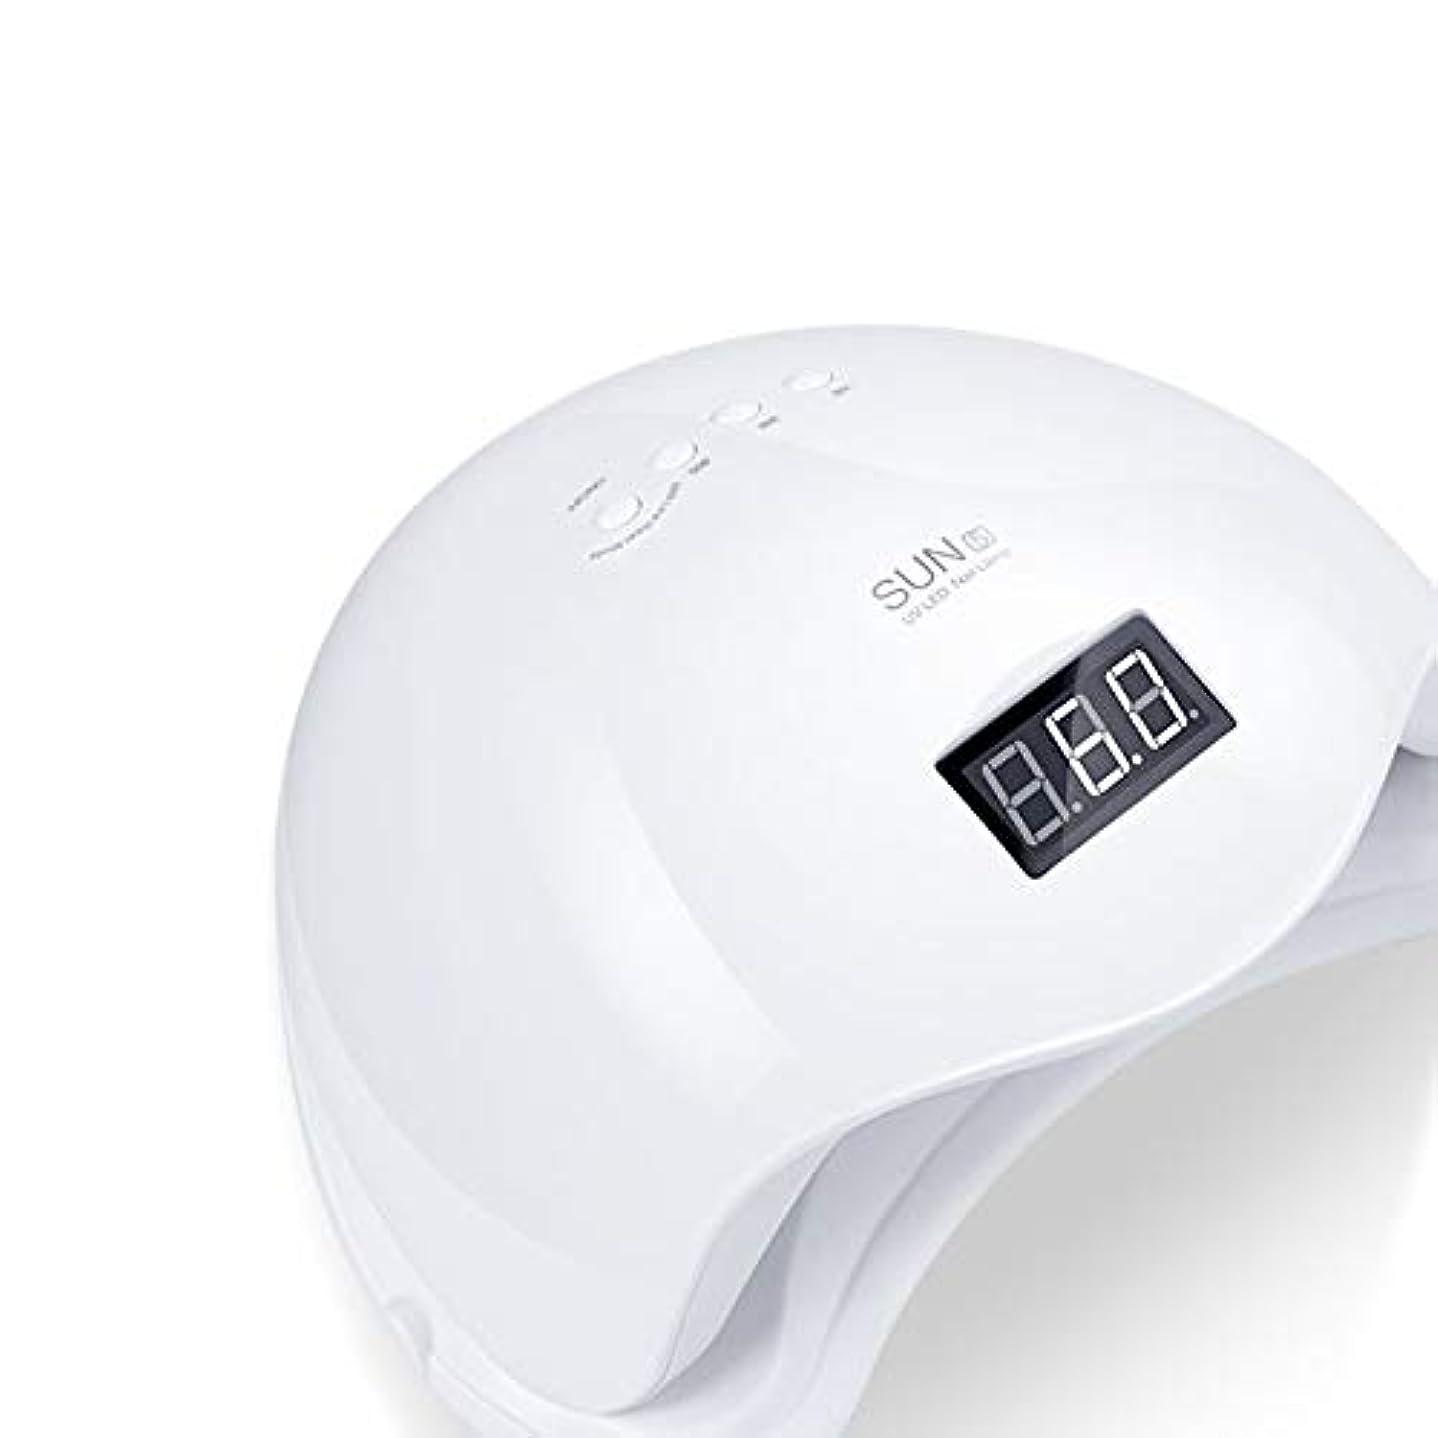 変更少年どこでもLEDネイルライト、24個のLEDビーズが付いている48Wマニキュアドライヤーライトの治癒光 - 安い、ディスカウント価格センサーUVジェルネイルポリッシュ用4タイマー(10/30/60/99秒)